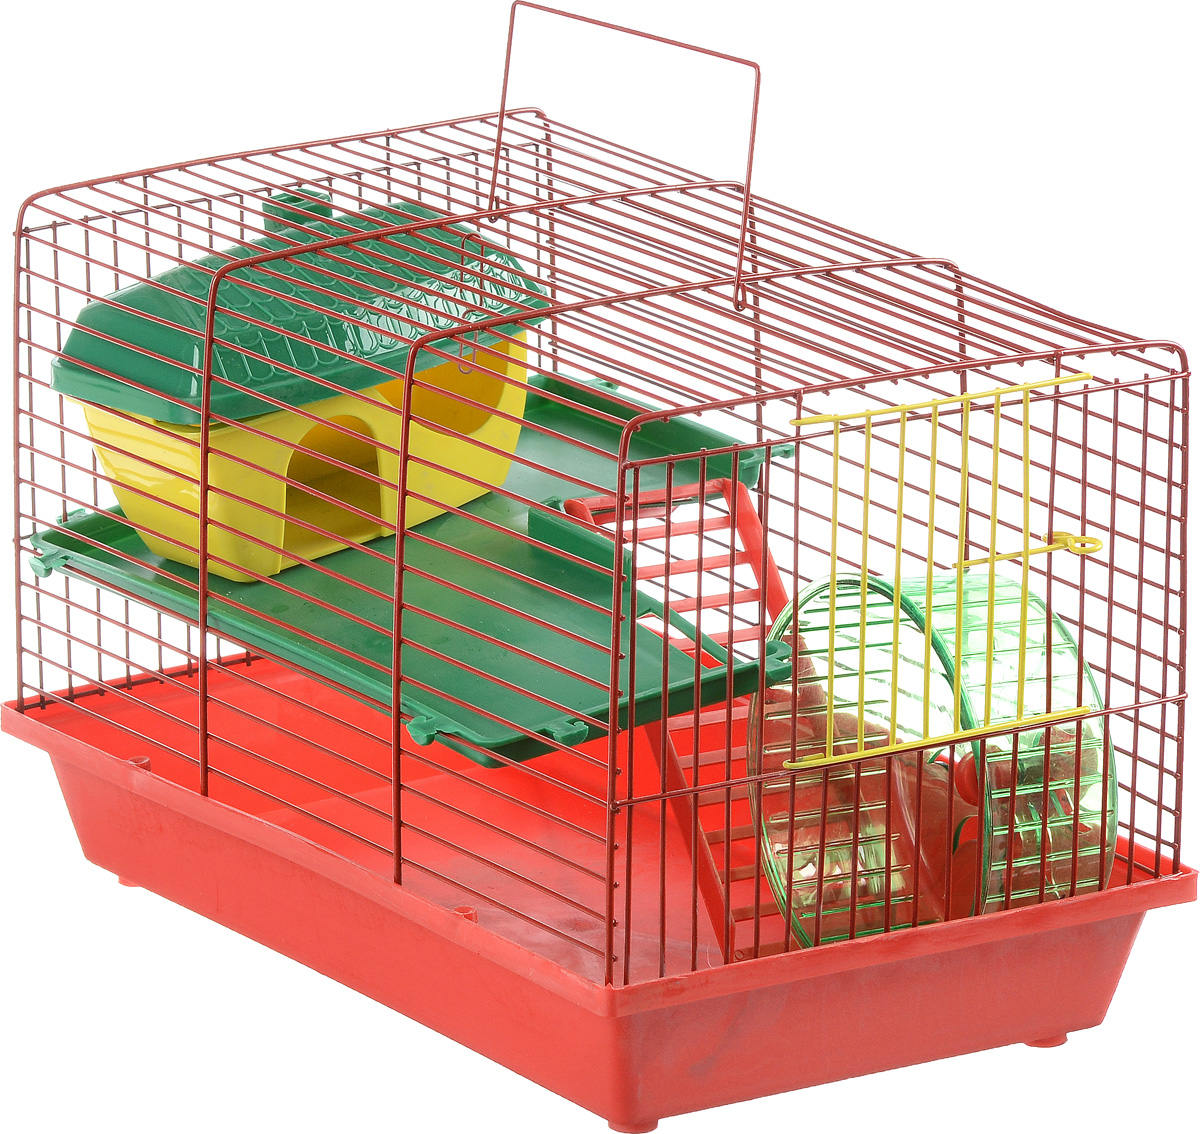 Клетка для грызунов ЗооМарк, 2-этажная, цвет: красный поддон, красная решетка, зеленый этаж, 36 х 23 х 24 см1542DDКлетка ЗооМарк, выполненная из полипропилена и металла, подходит для мелких грызунов. Изделие двухэтажное, оборудовано колесом для подвижных игр и пластиковым домиком. Клетка имеет яркий поддон, удобна в использовании и легко чистится. Сверху имеется ручка для переноски, а сбоку удобная дверца. Такая клетка станет уединенным личным пространством и уютным домиком для маленького грызуна.